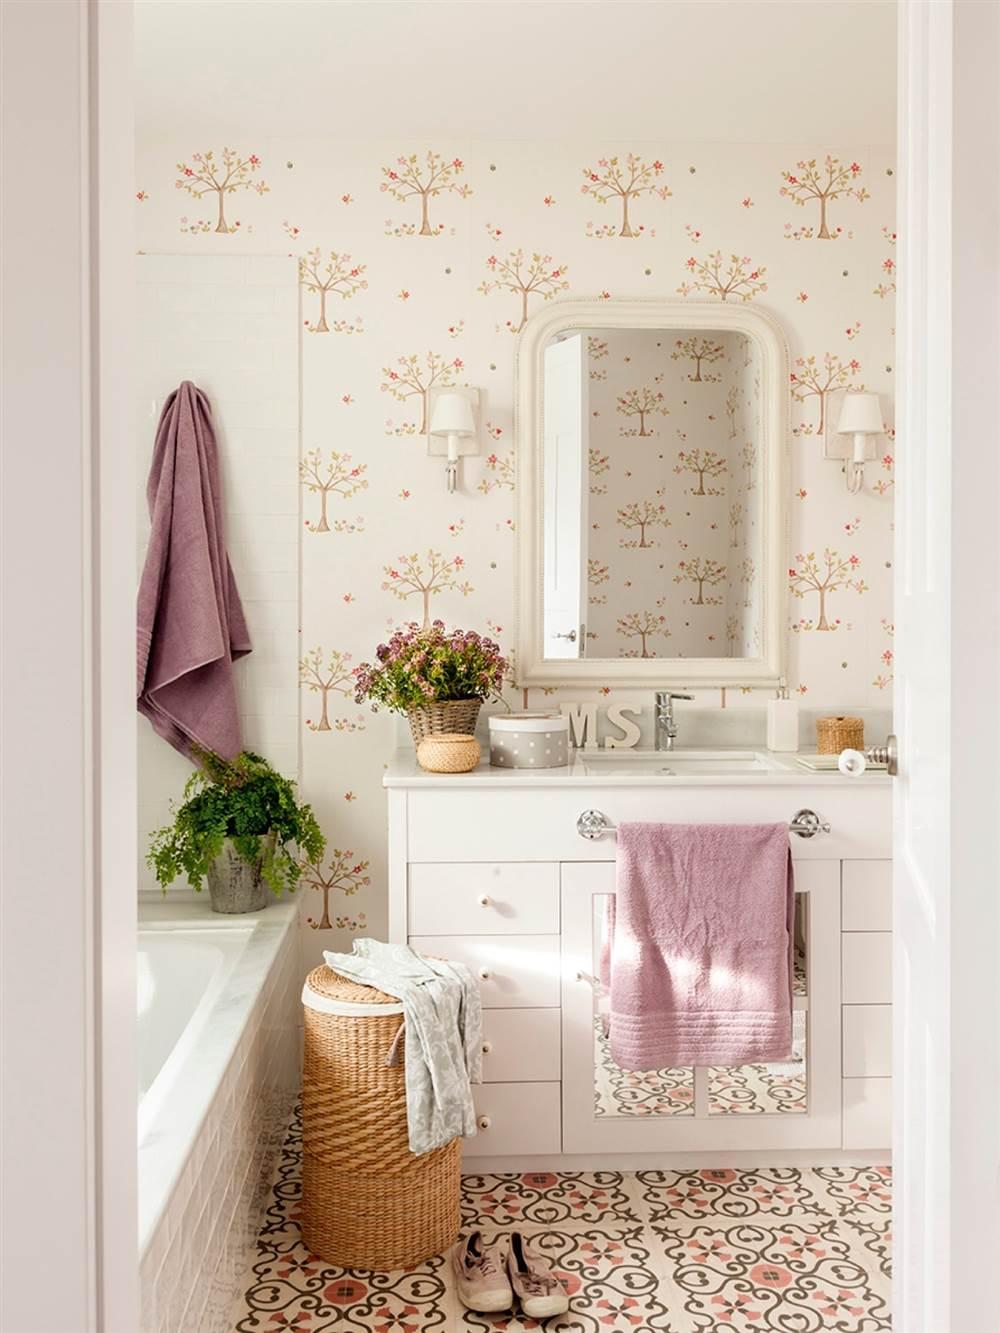 Decora tu casa con papel pintado - Papeles pintados para pasillos ...